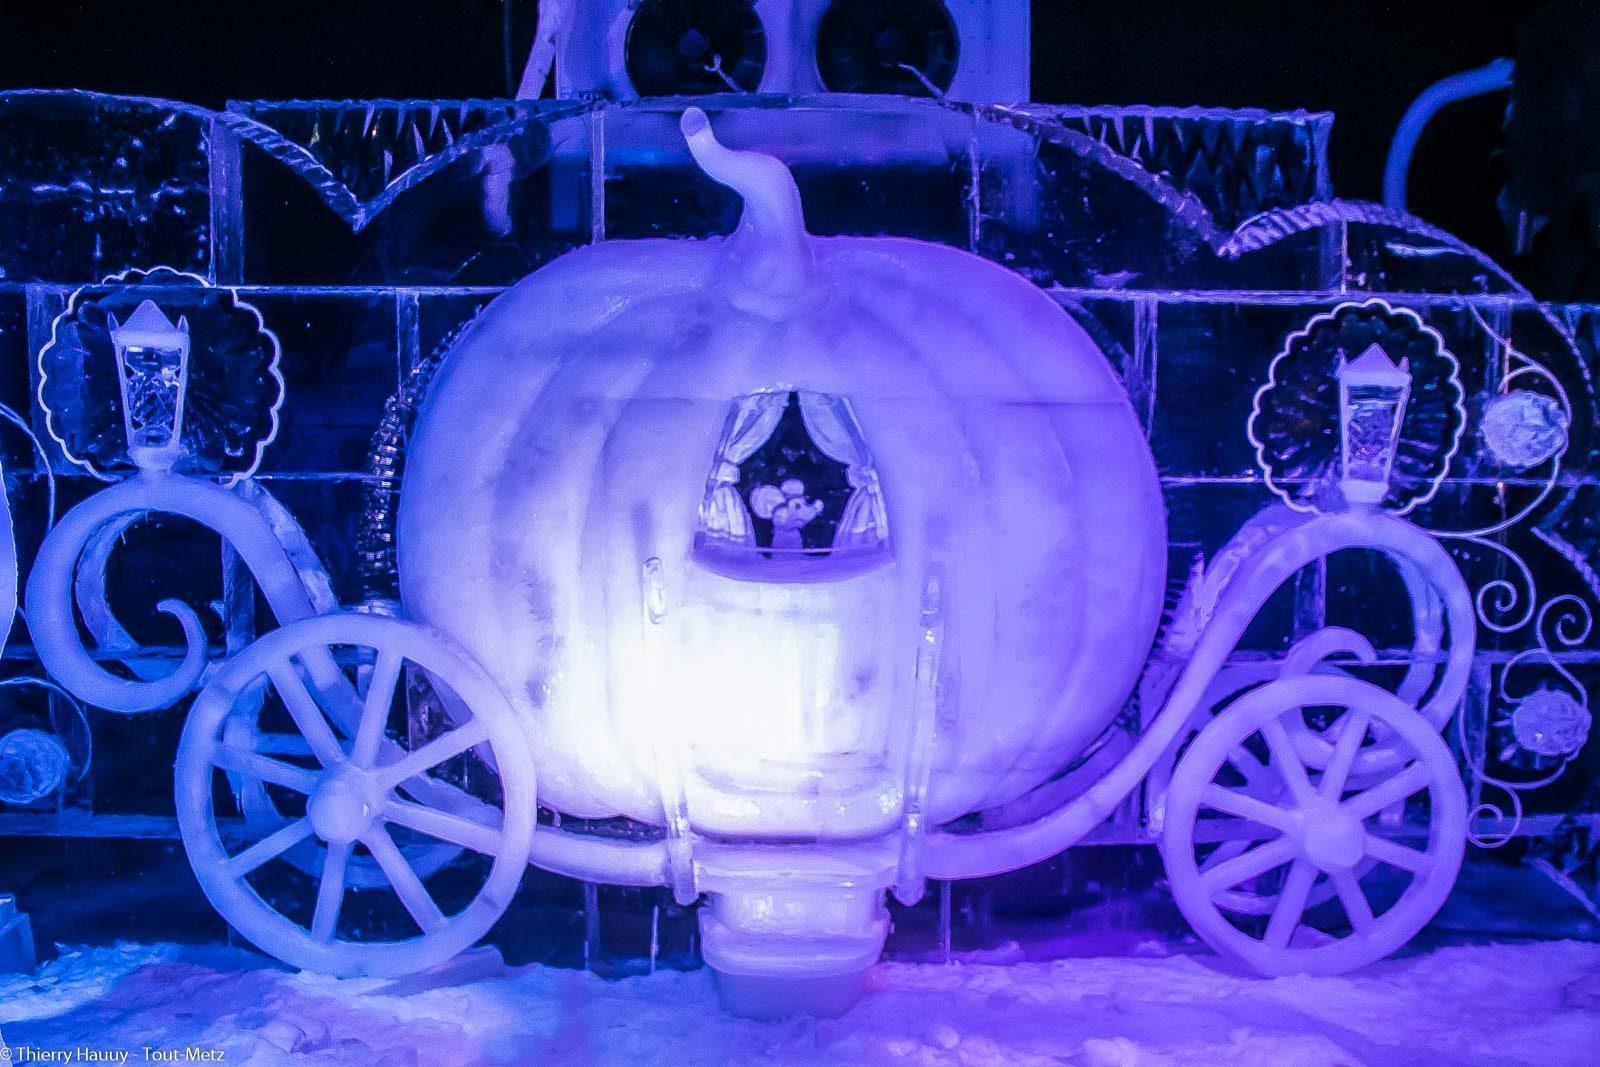 La Féerie des glaces à Metz ouvre ce week-end : tarifs, horaires, dates… toutes les infos pratiques